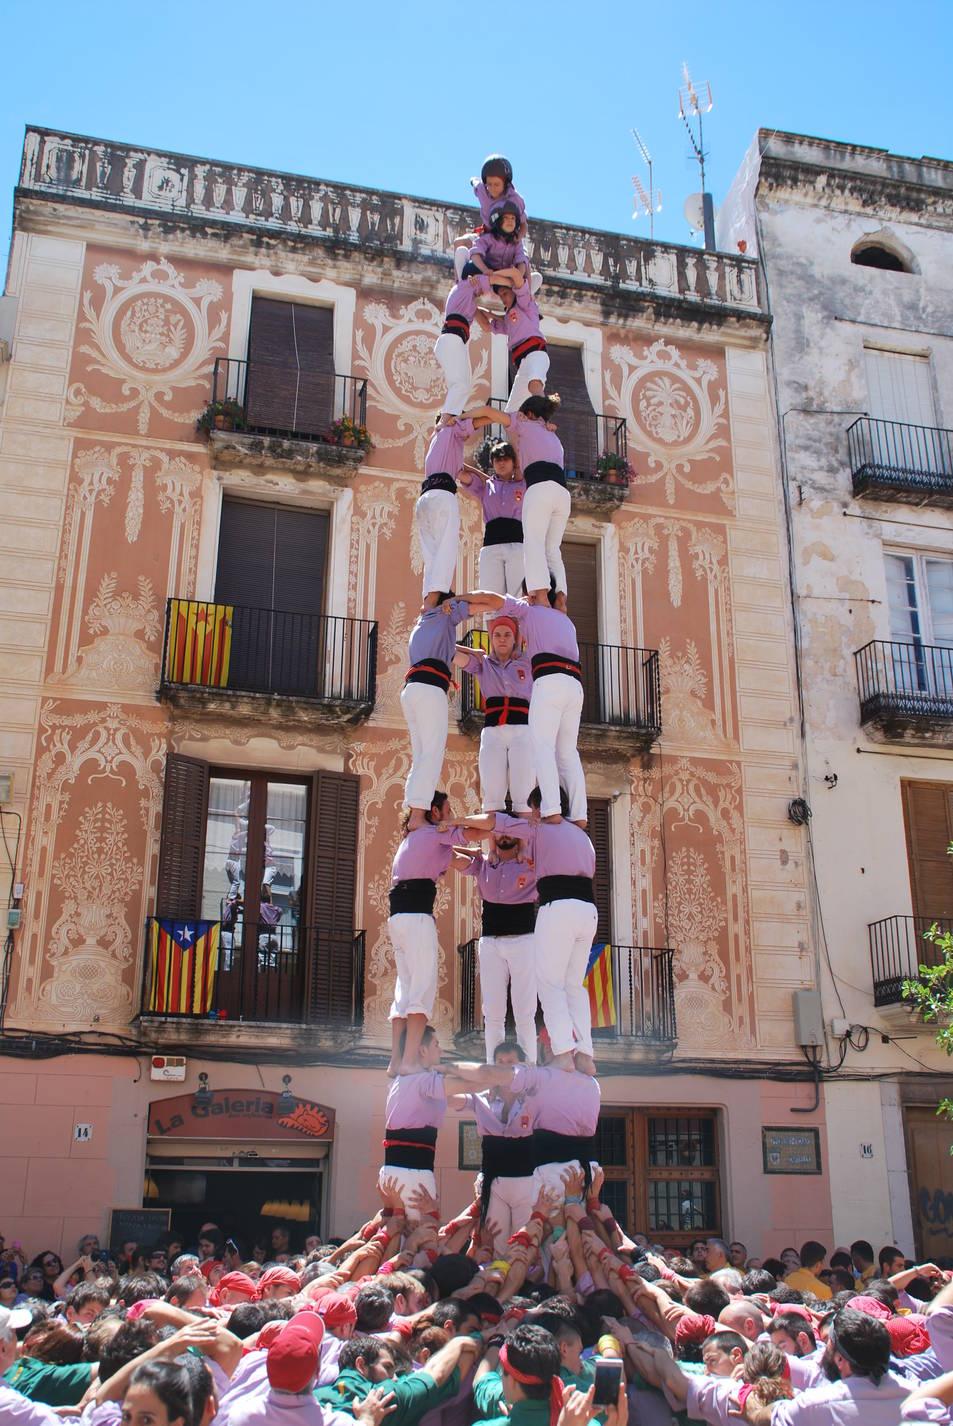 3de8 de la Jove de Tarragona a Vilanova.